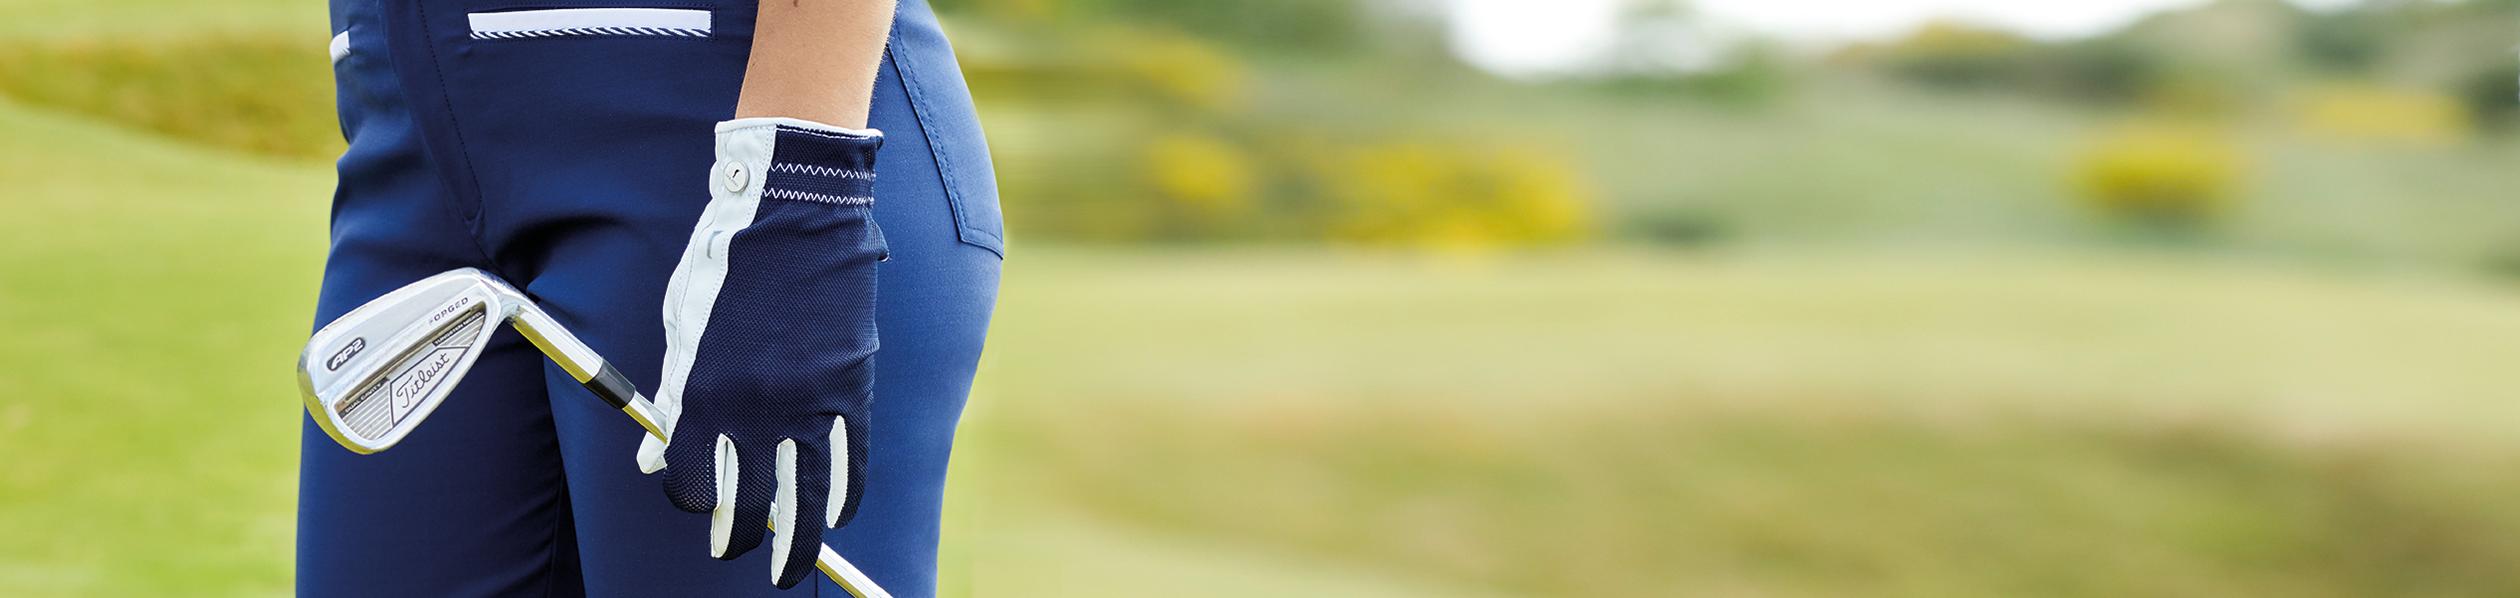 golf-zubehör